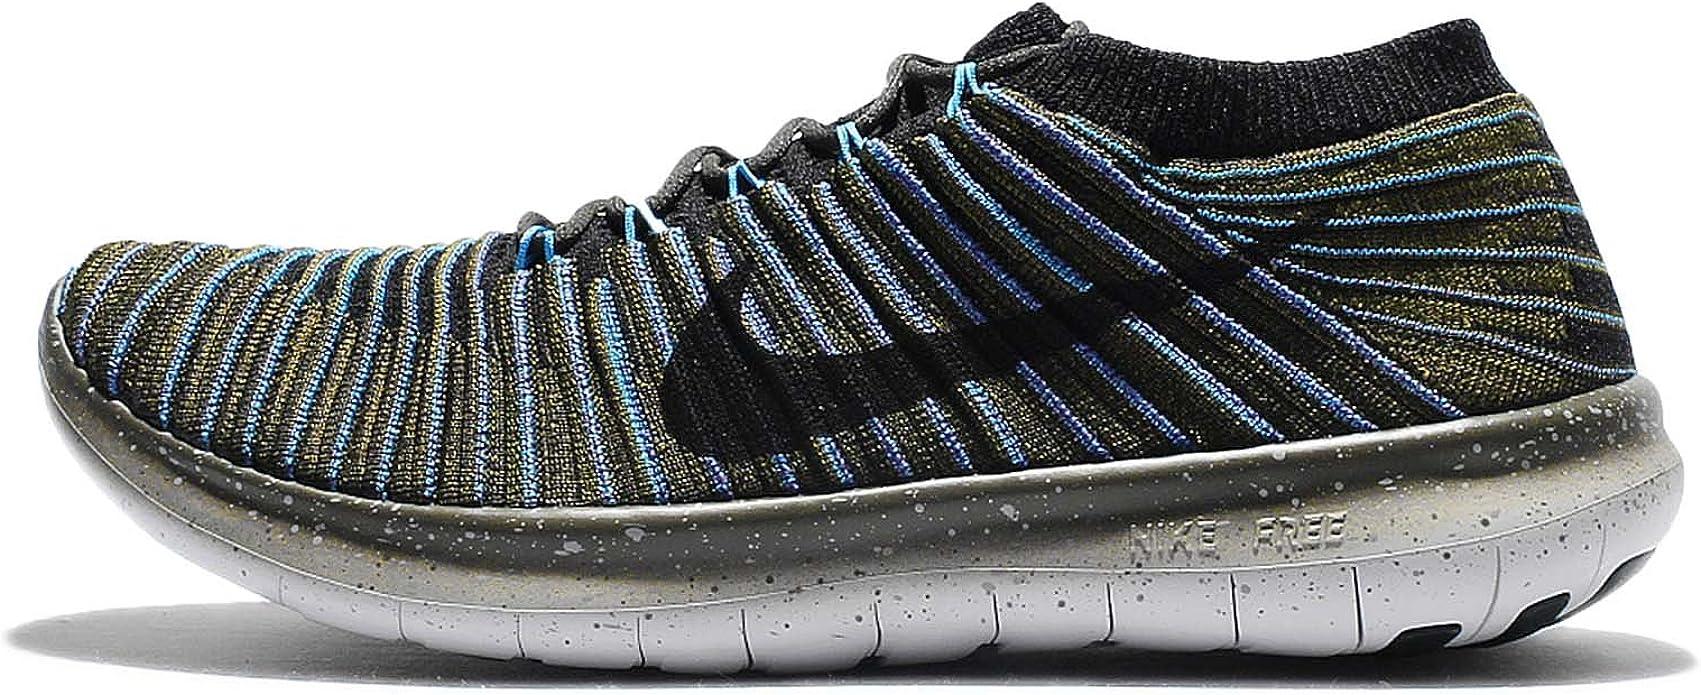 Nike Free RN Motion Flyknit, Zapatillas de Running para Hombre, Verde (Sequoia/Black-Blue Glow-Rough Green), 45 EU: Amazon.es: Zapatos y complementos